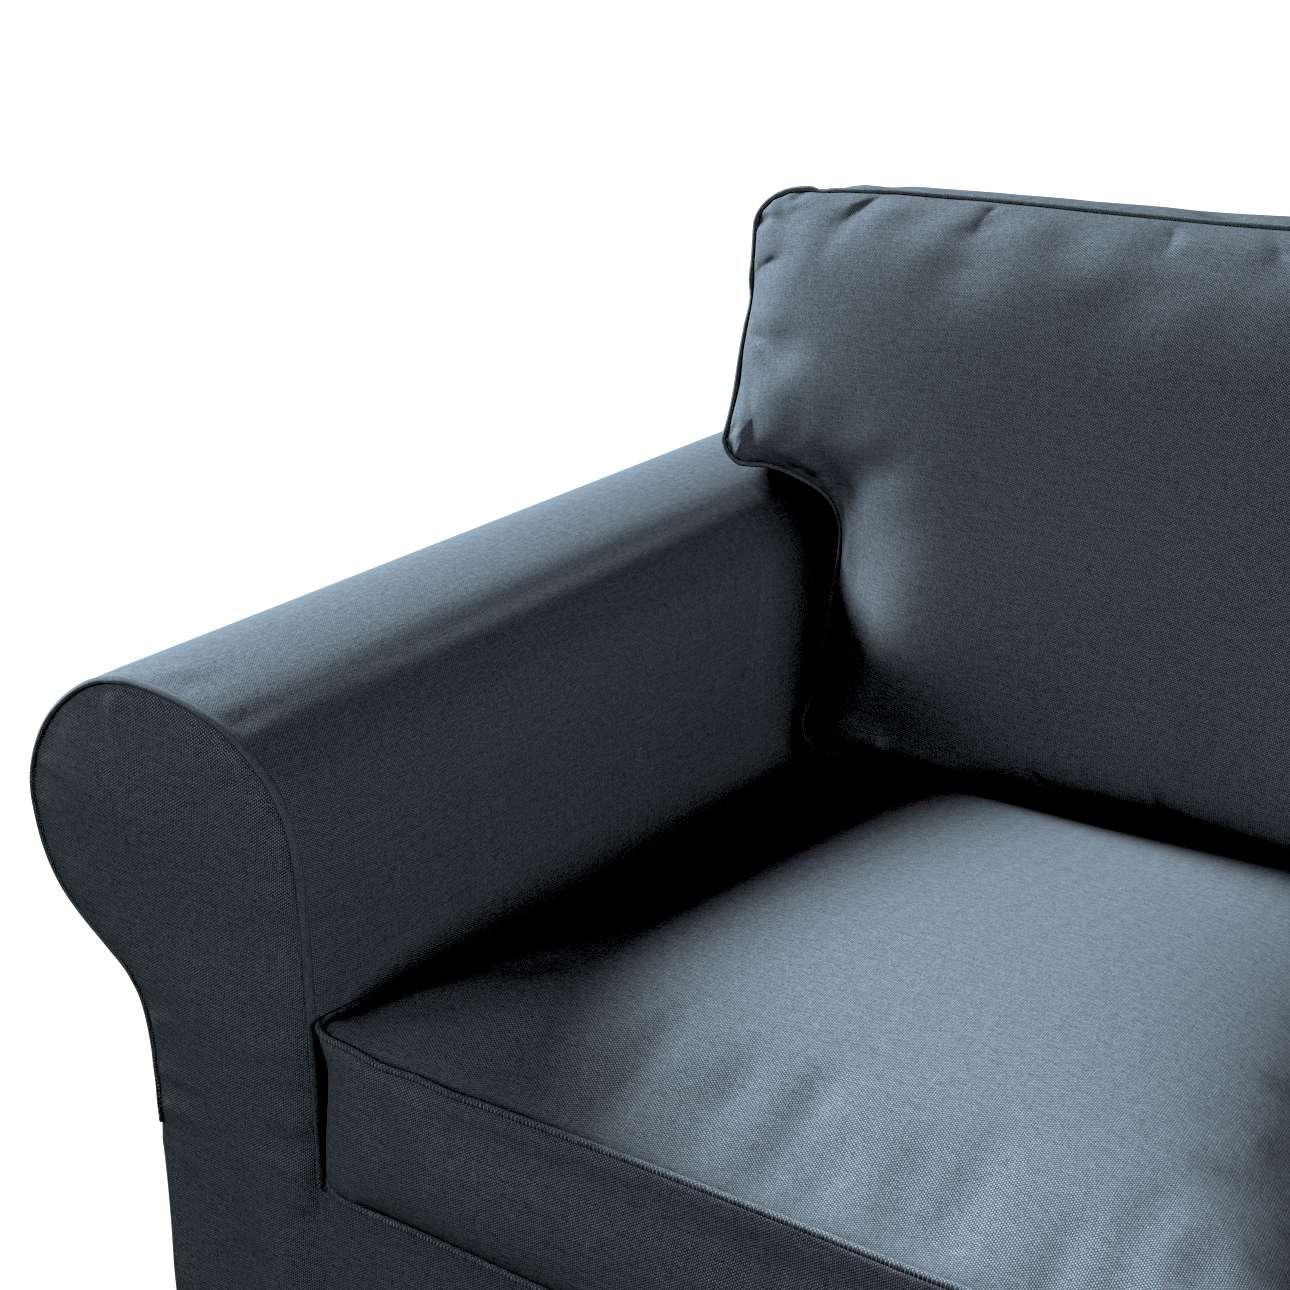 Poťah na sedačku Ektorp (rozkladacia, pre 2 osoby) NOVÝ MODEL 2012 V kolekcii Etna, tkanina: 705-30